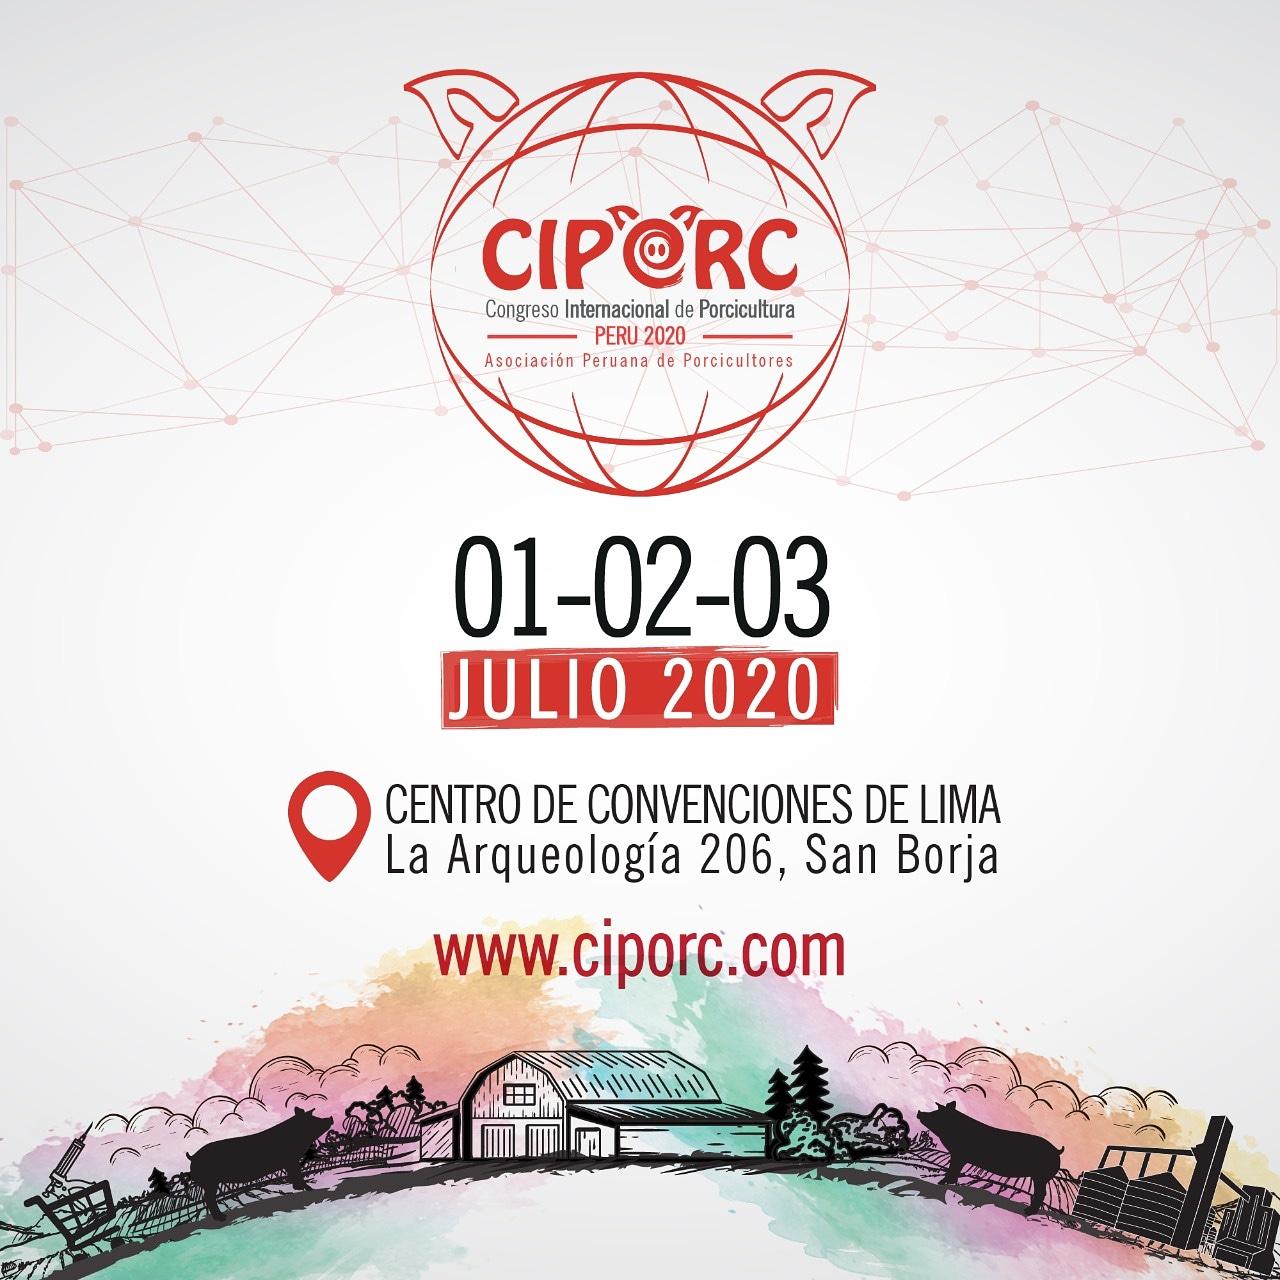 CIPORC 2020